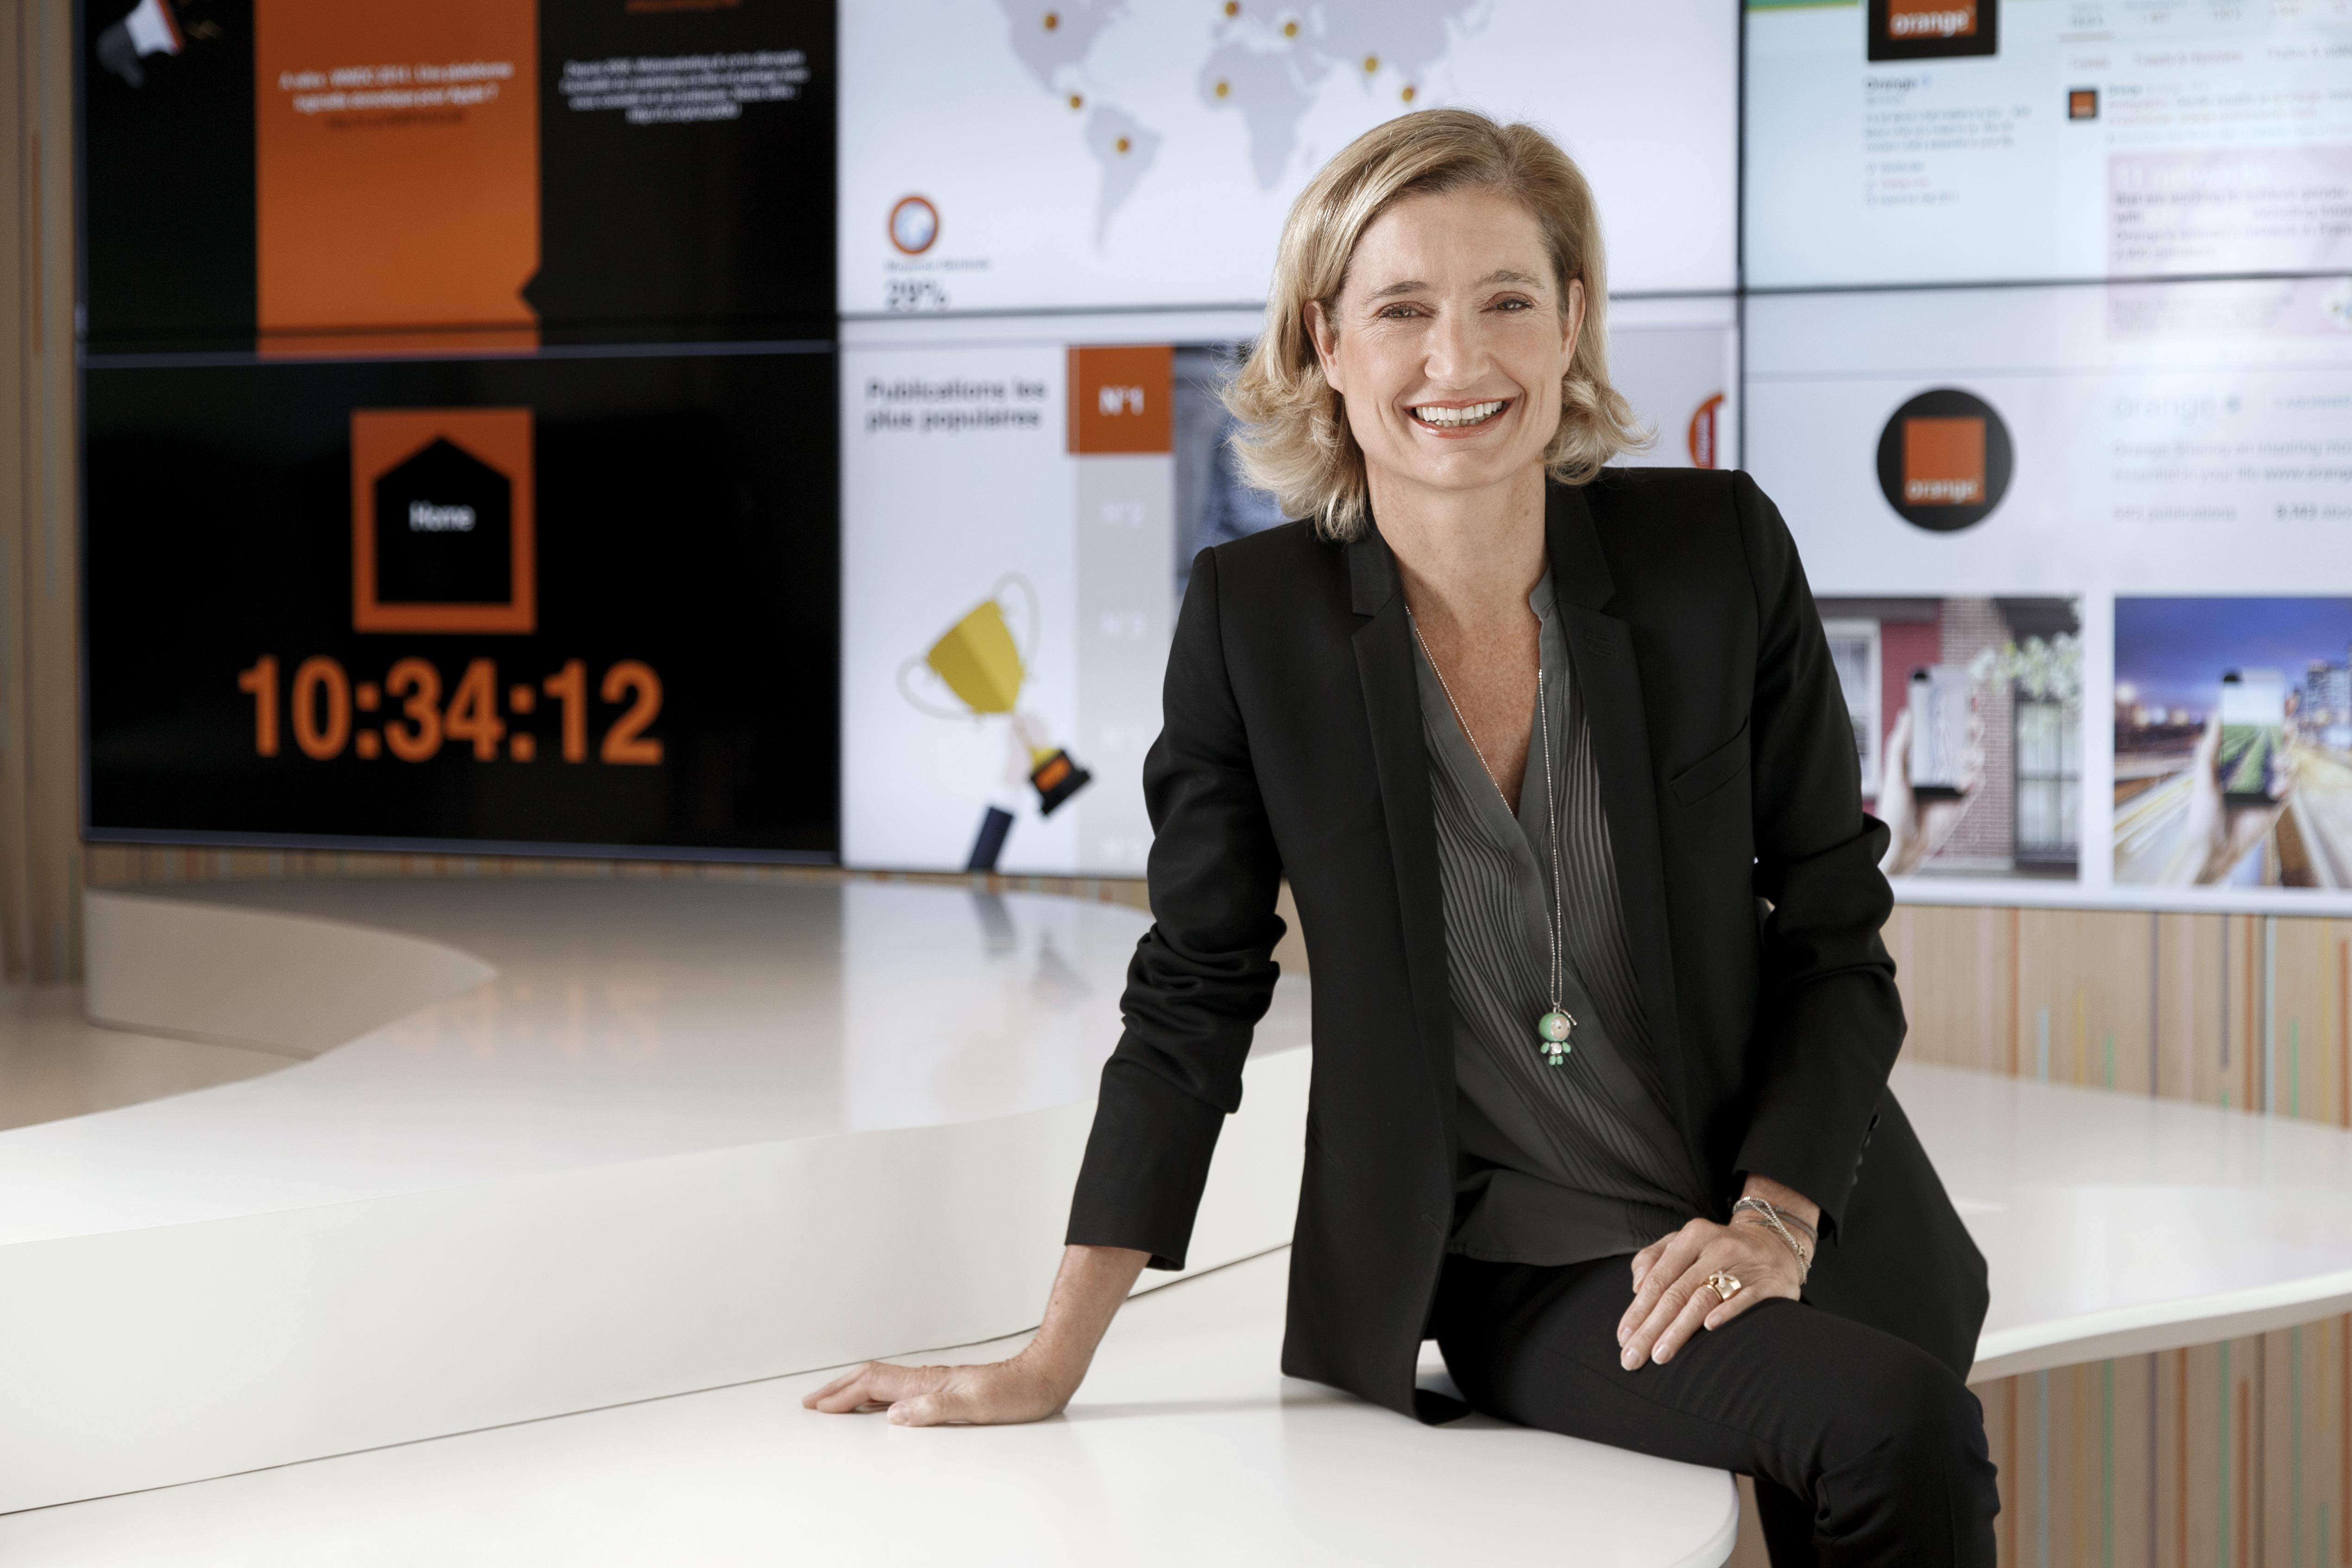 Béatrice Mandine, Directrice de la communication et de la marque Orange